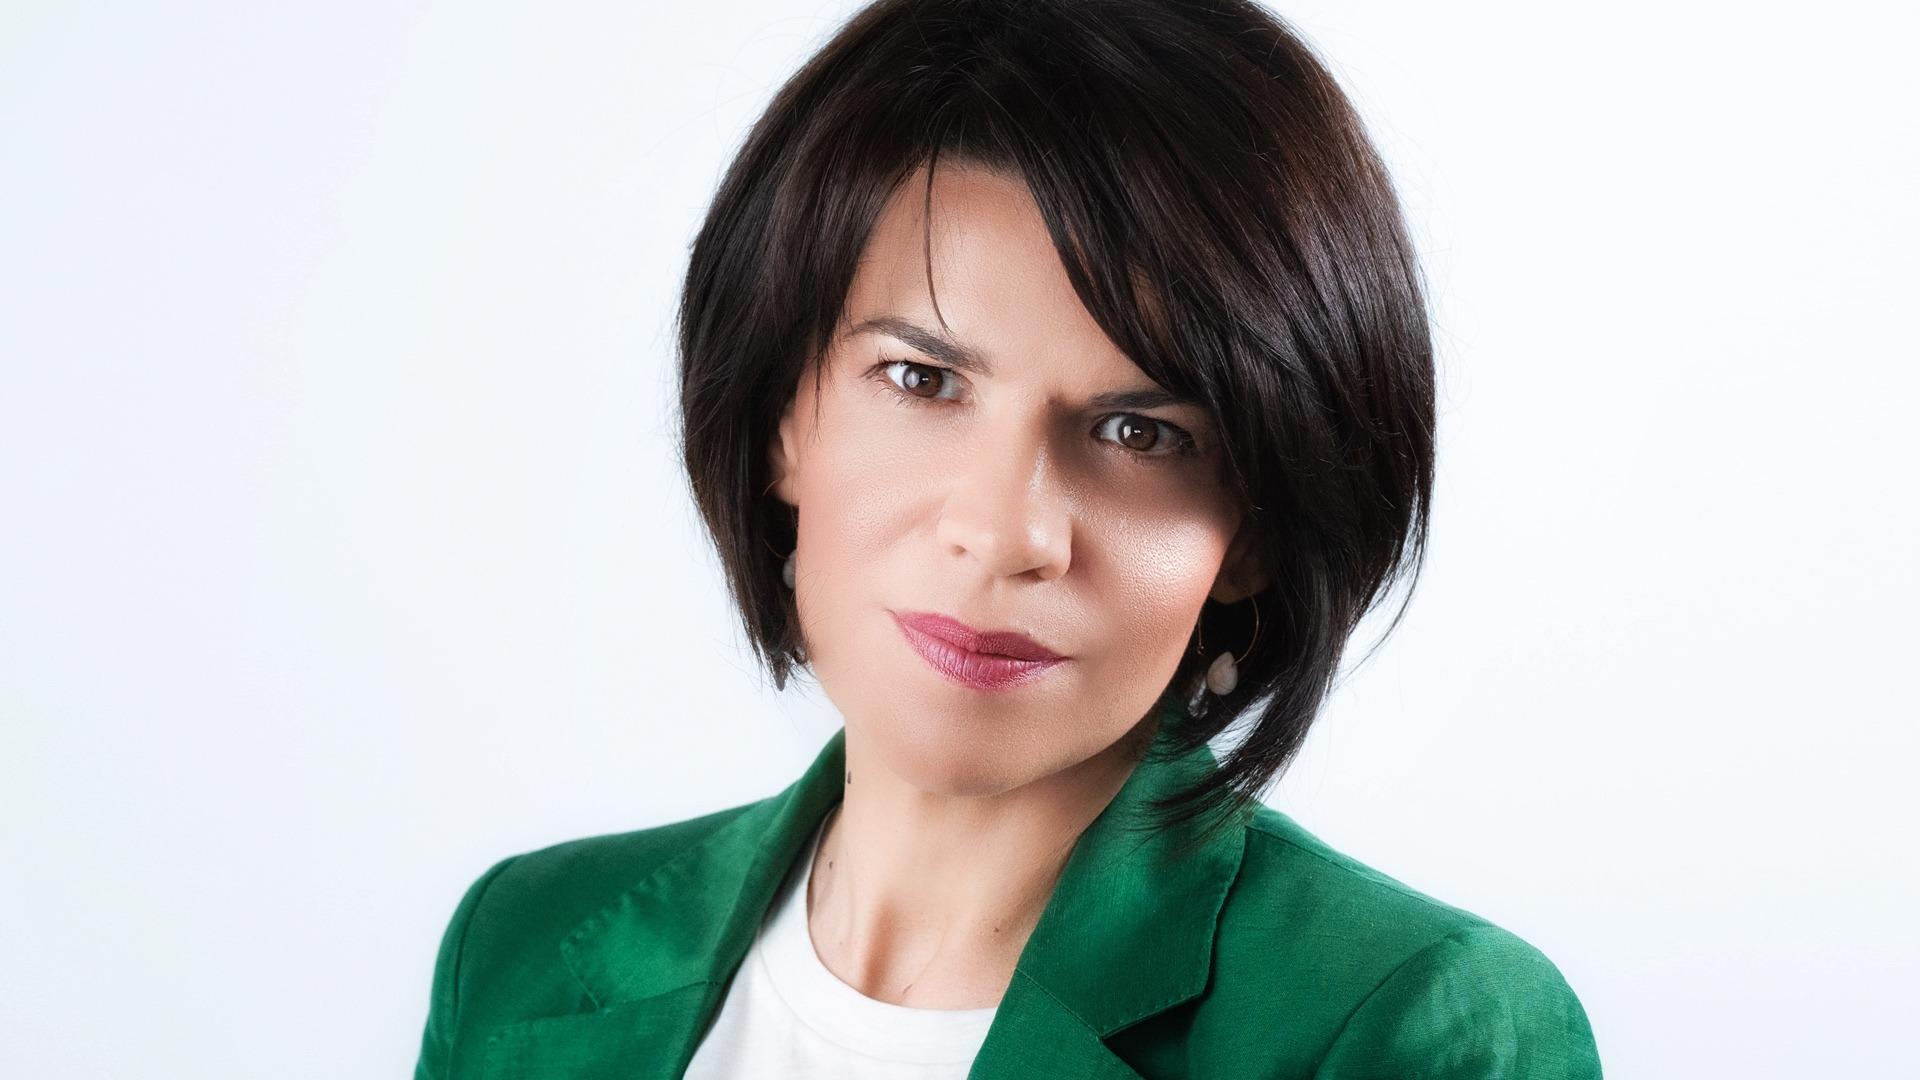 Η Τάνια Ελευθεριάδου εξελέγη για πρώτη φορά με τον ΣΥΡΙΖΑ